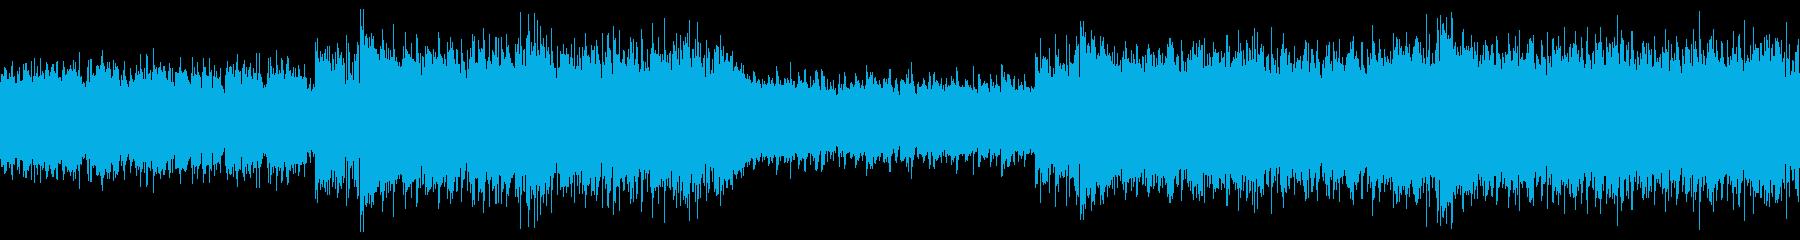 夏のイベントPRにわくわくするディスコの再生済みの波形